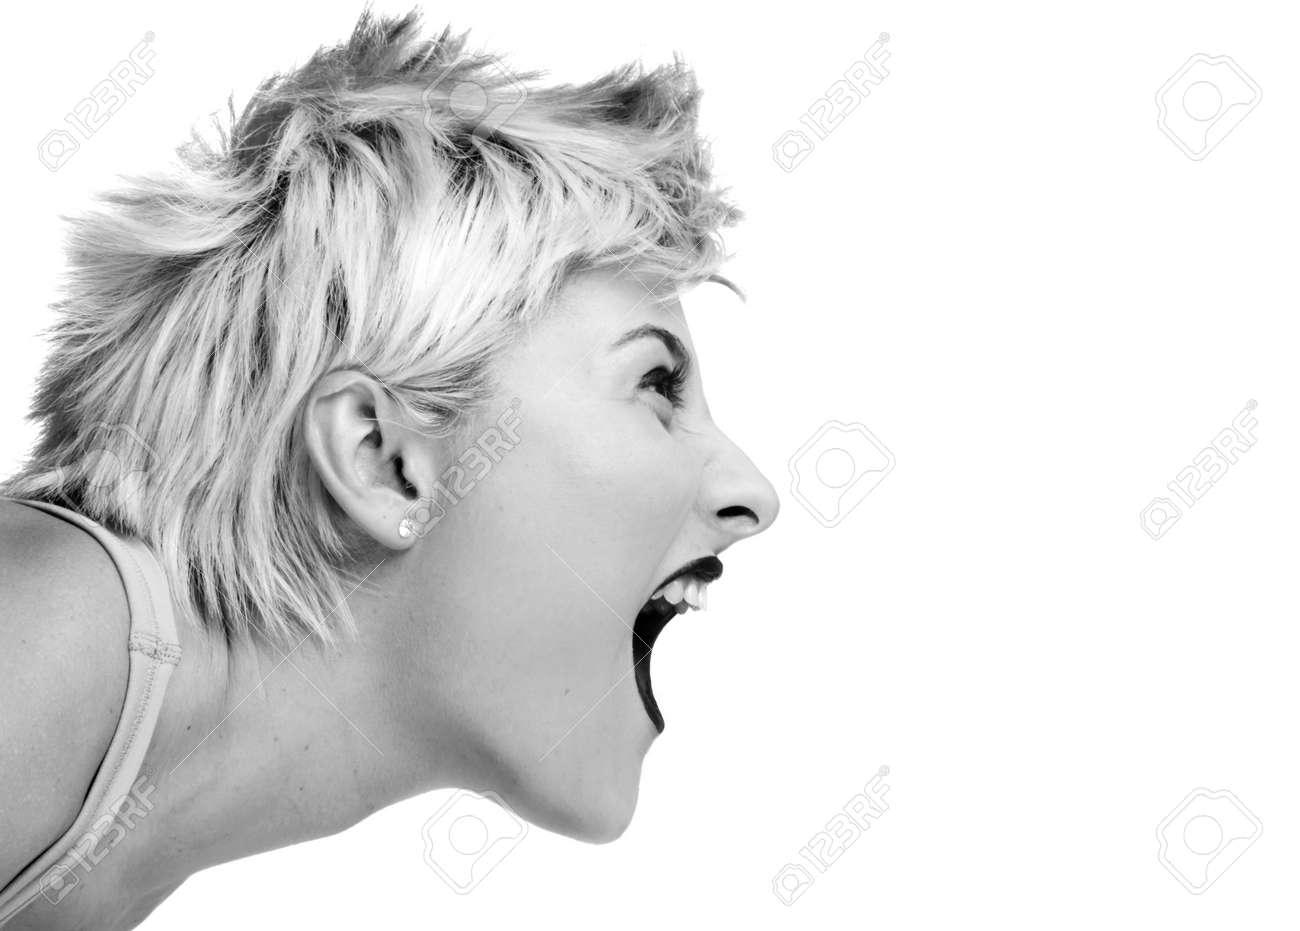 Фото кричащей девушки 20 фотография